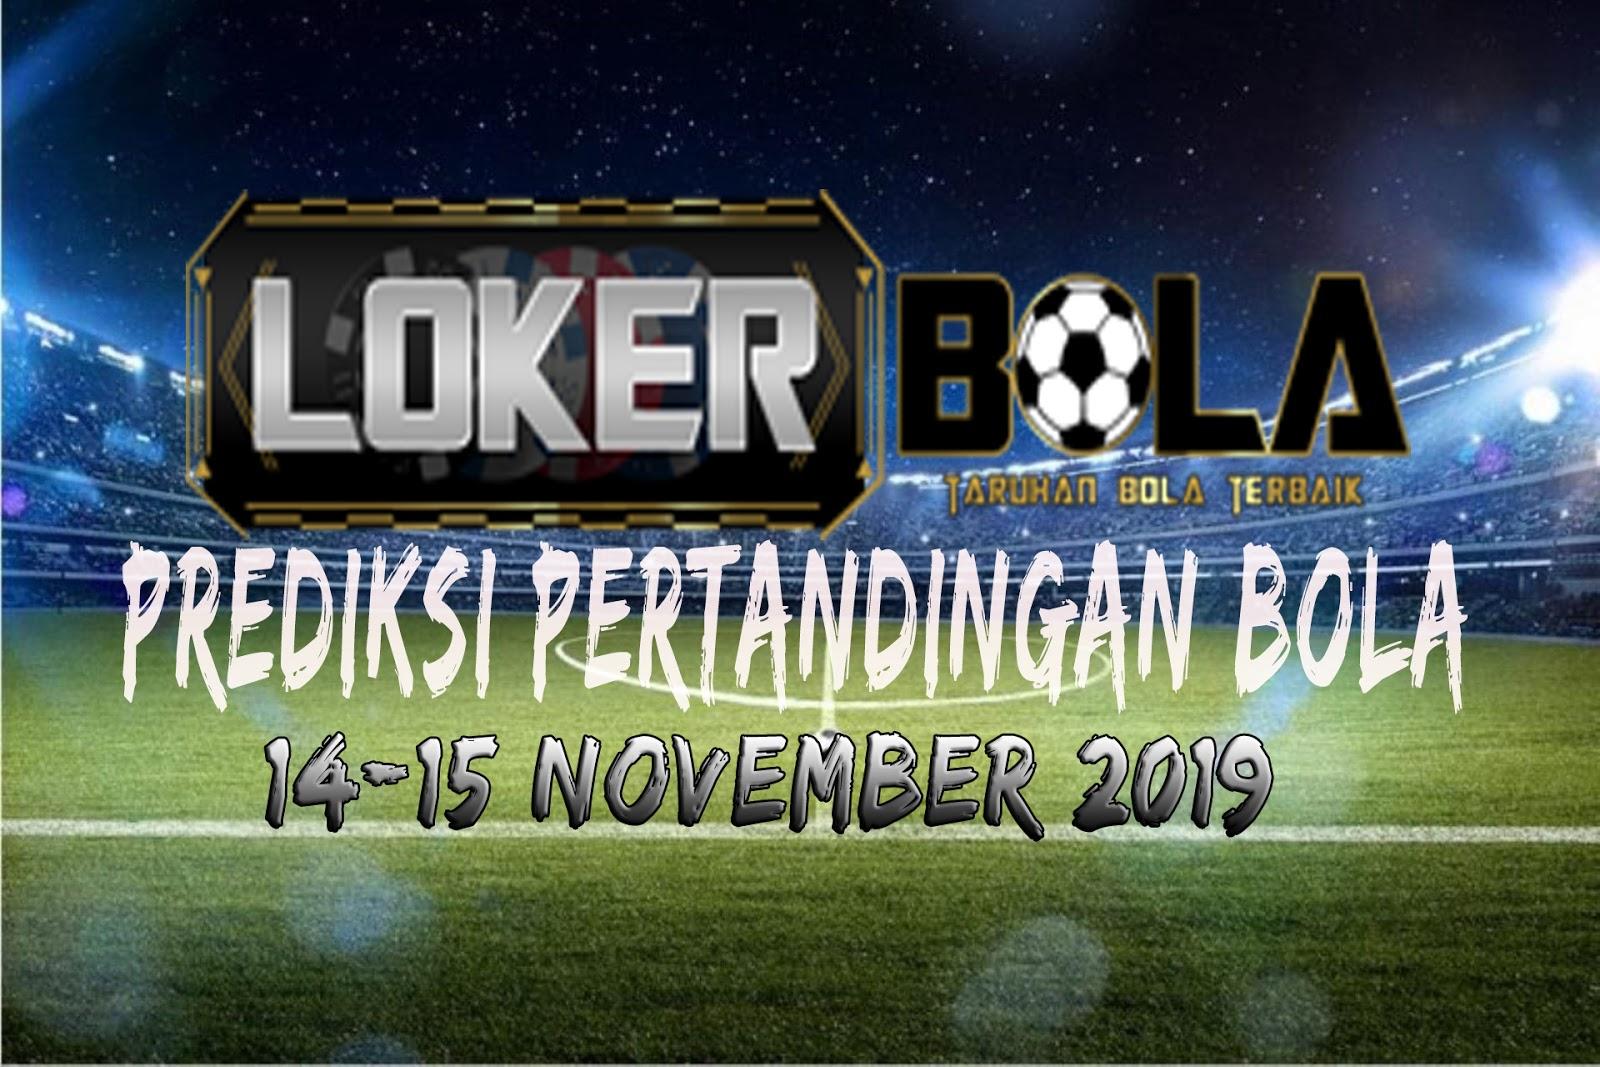 PREDIKSI PERTANDINGAN BOLA 14 – 15 NOVEMBER 2019